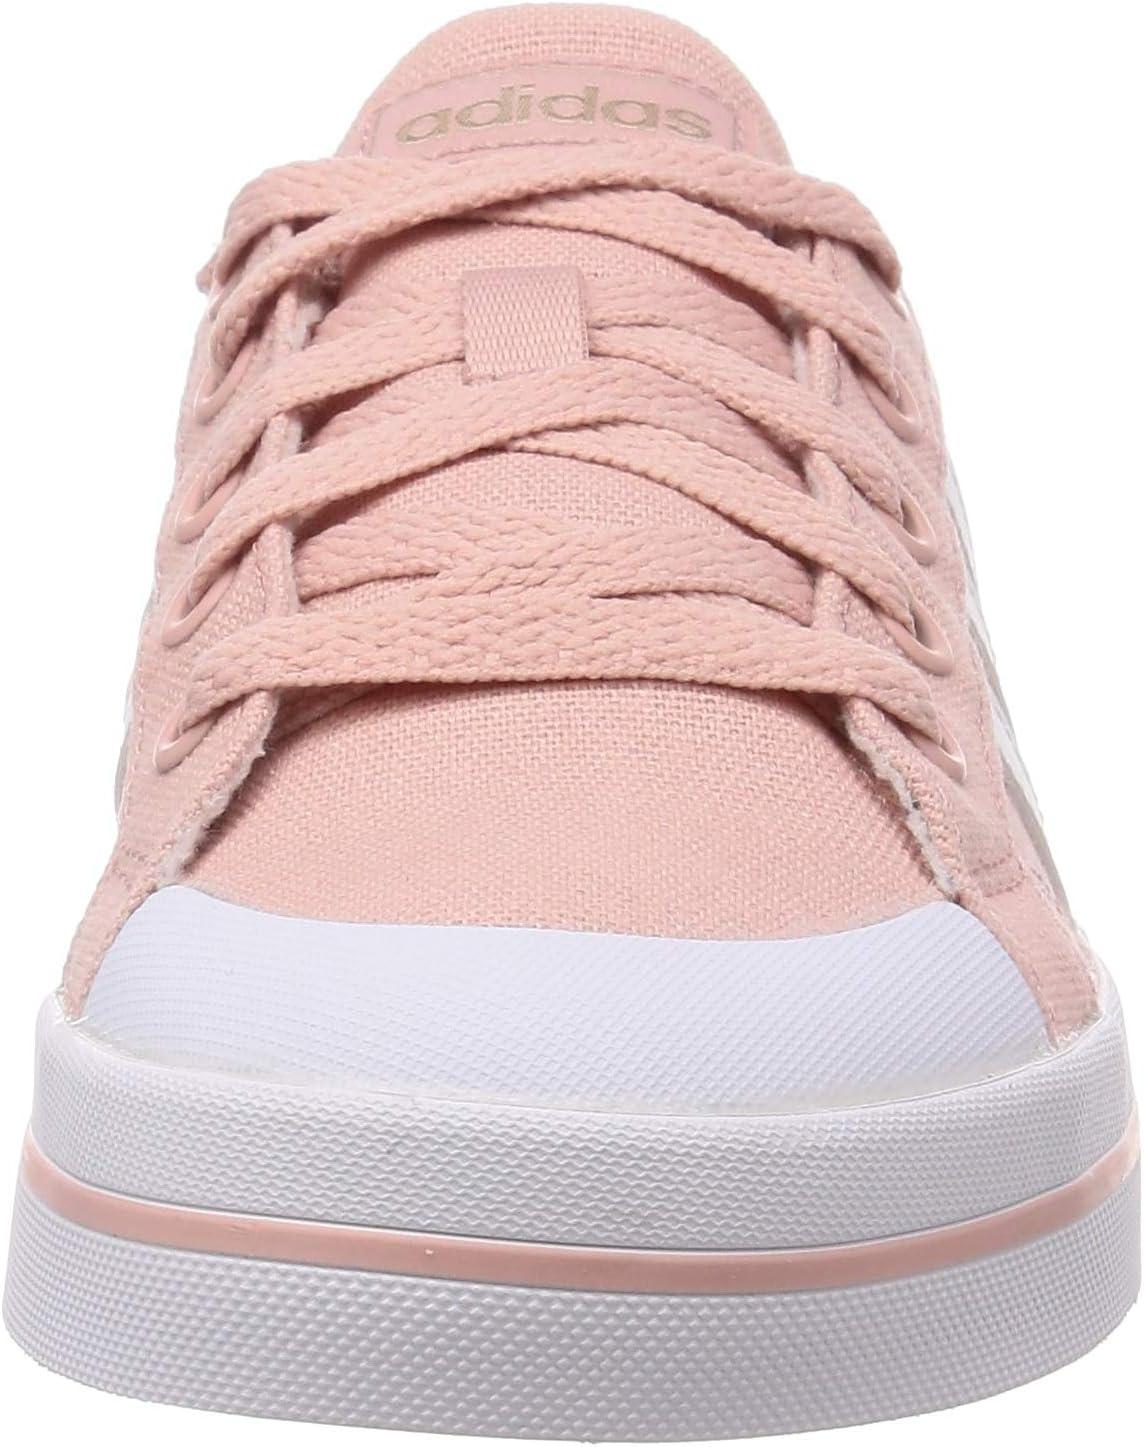 adidas BRAVADA Vrouwen. Sneakers Roze, wit (Pink Spirit Ftwr White Platin Met)